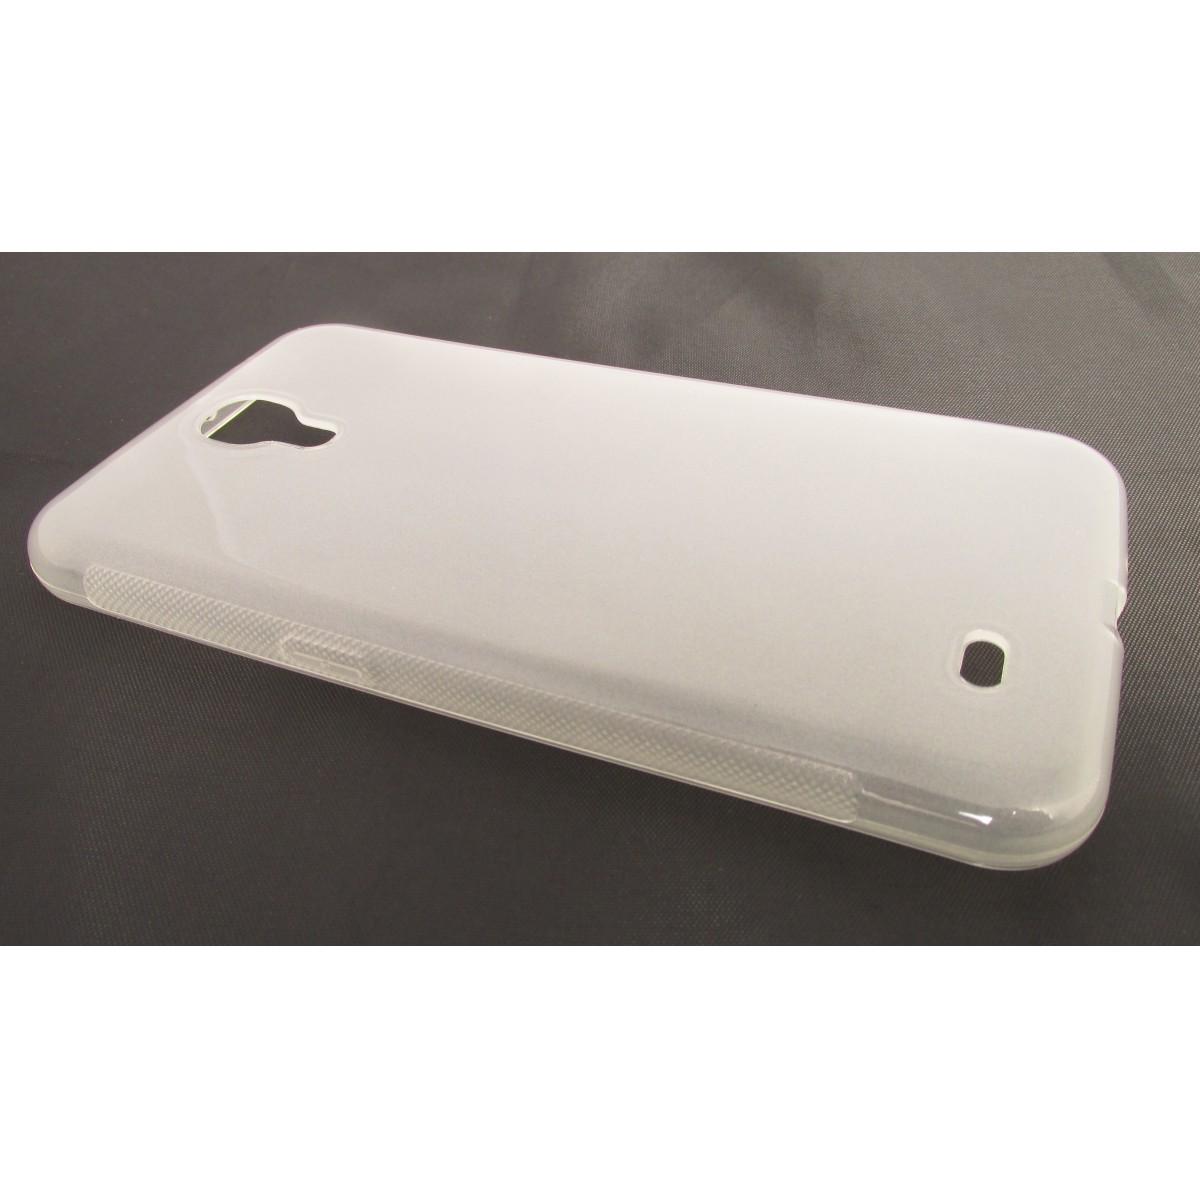 Capa TPU Transparente Samsung Galaxy Mega 6.3 I9200 + Película Flexível